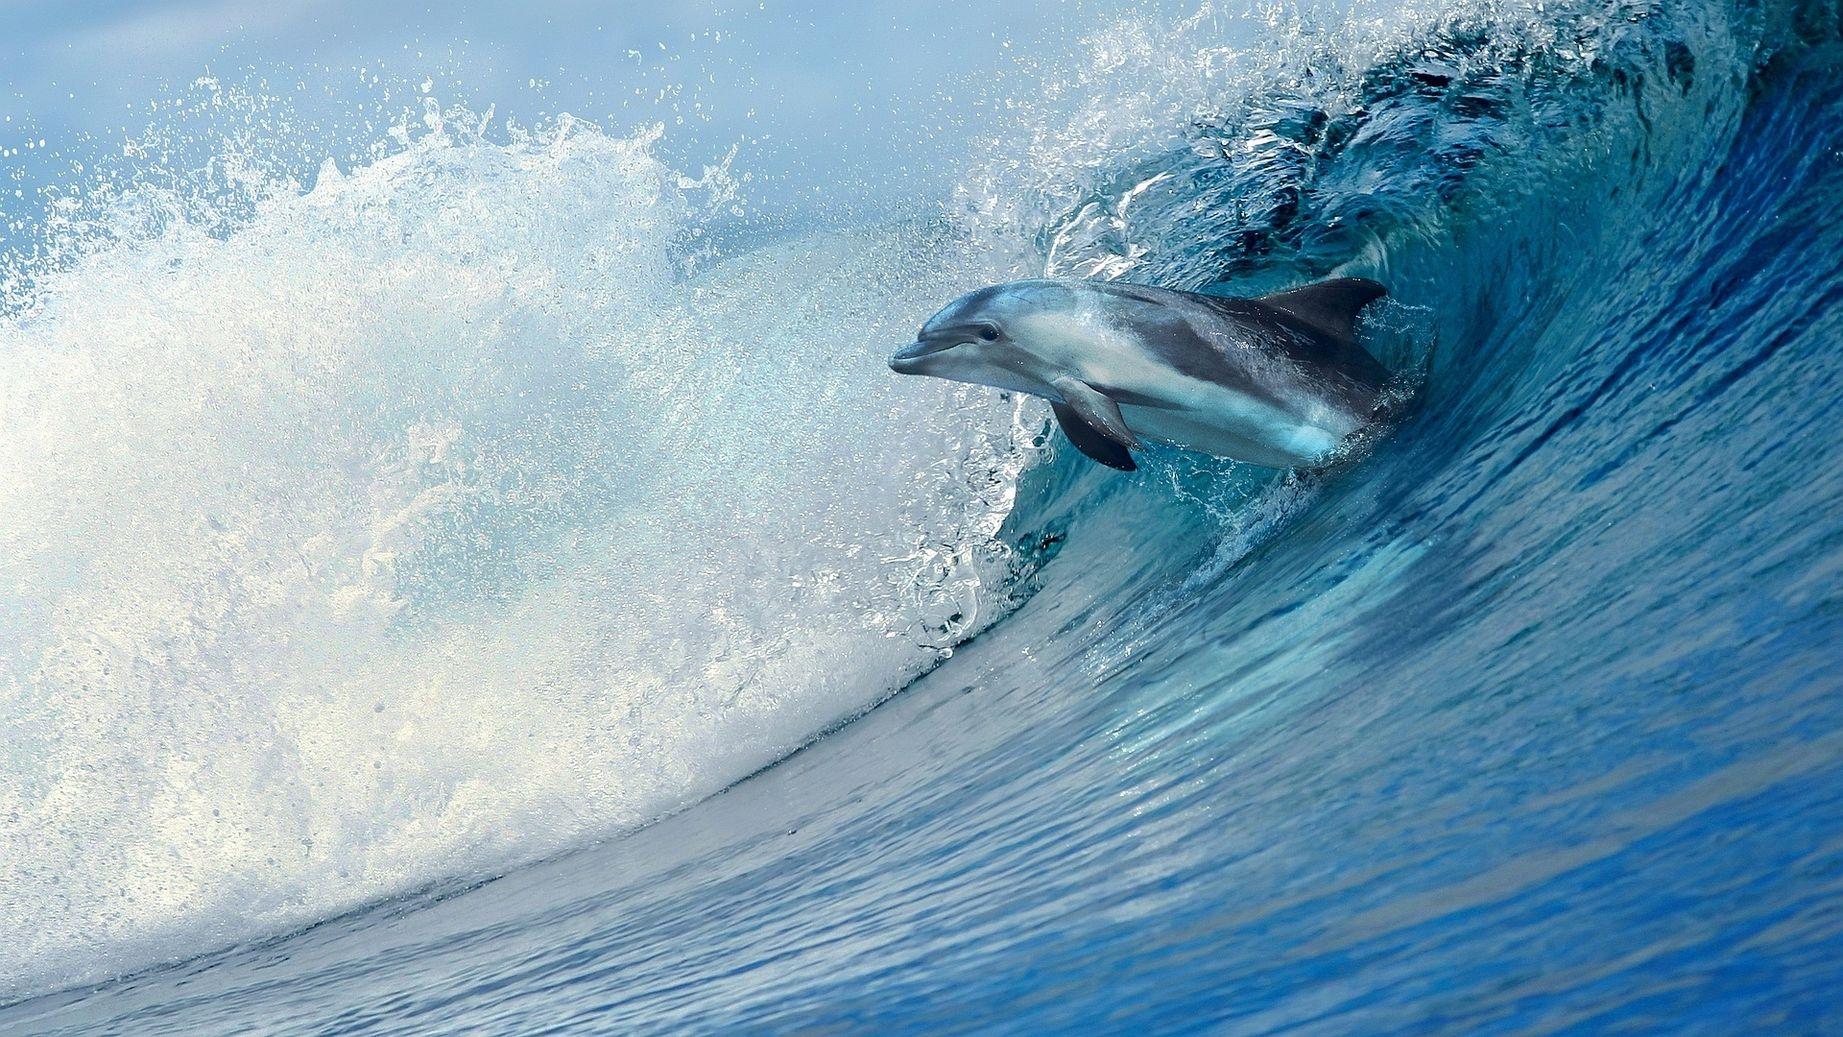 интернет с?й??ч?л?р?, красивые картинки про море и дельфинов одежда открытыми